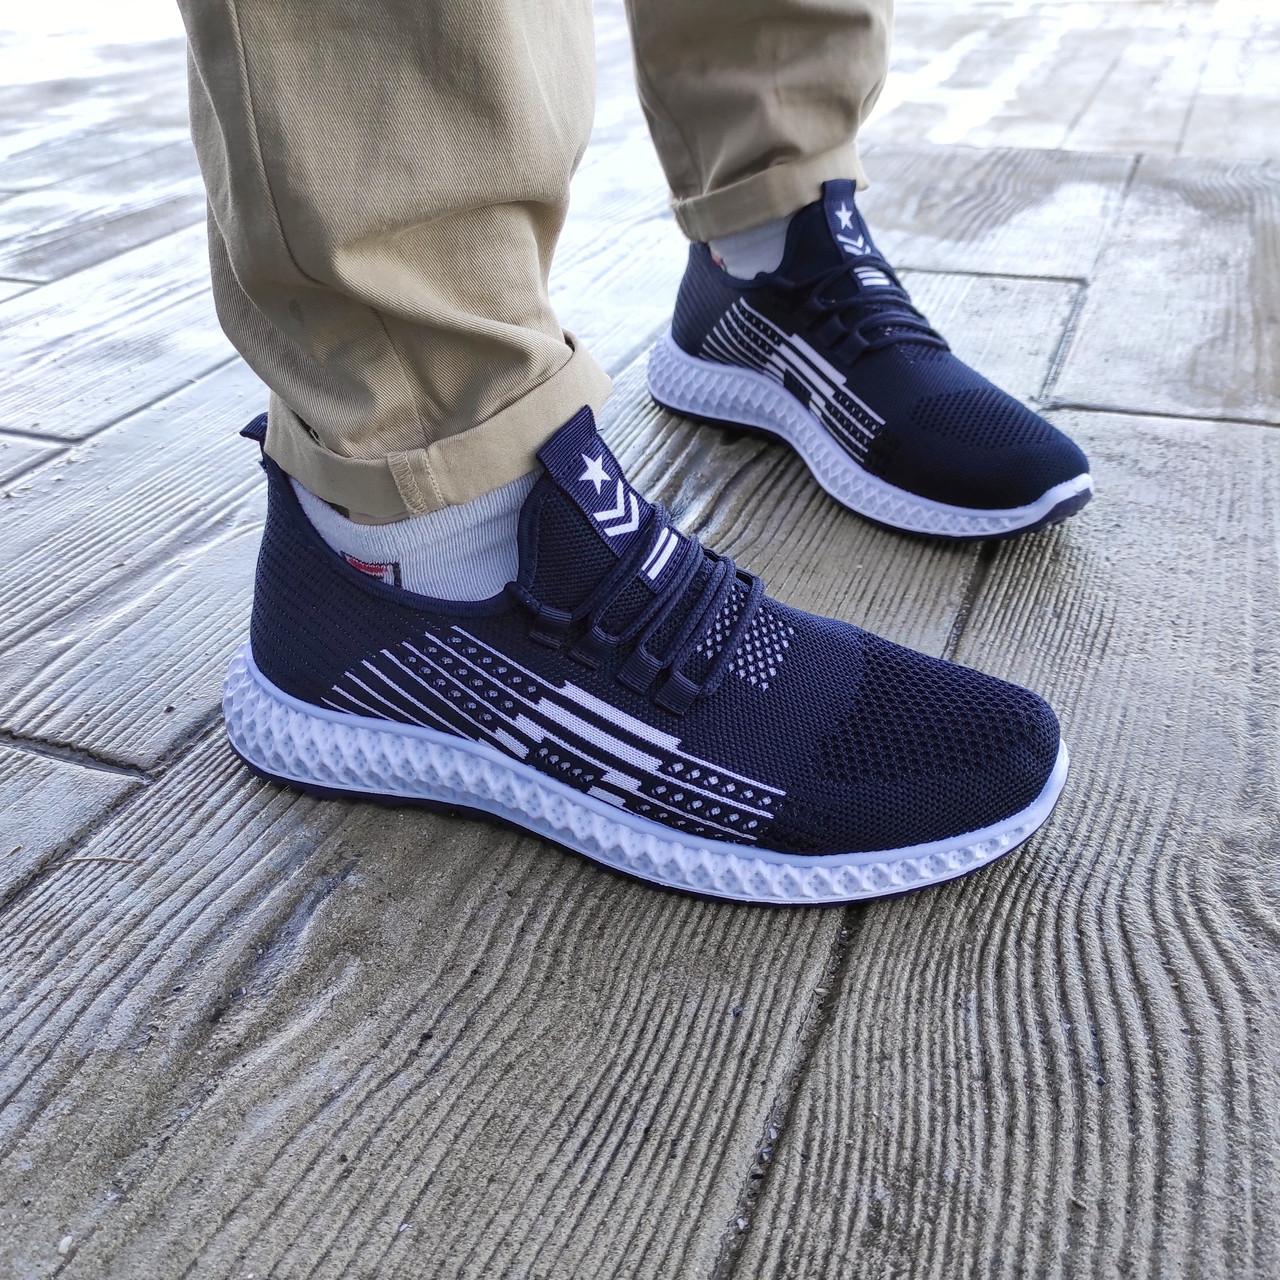 Літні кросівки сині чоловічі текстильні сітка в стилі adidas yeezy